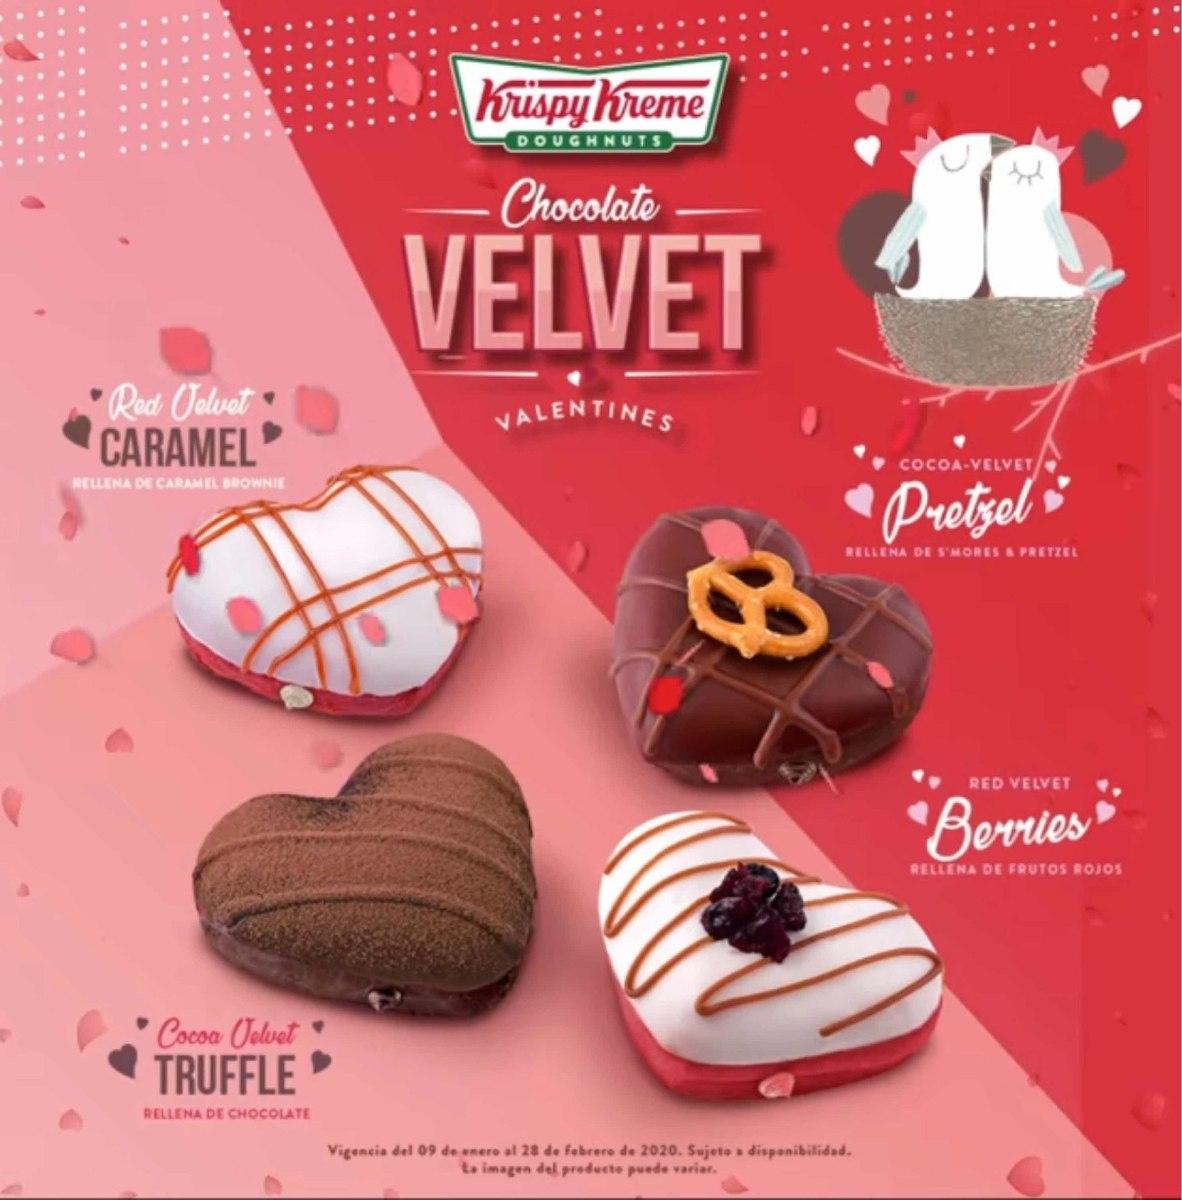 Peixe Groupon: Krispy Kreme Media Docena de Donas Select Mix